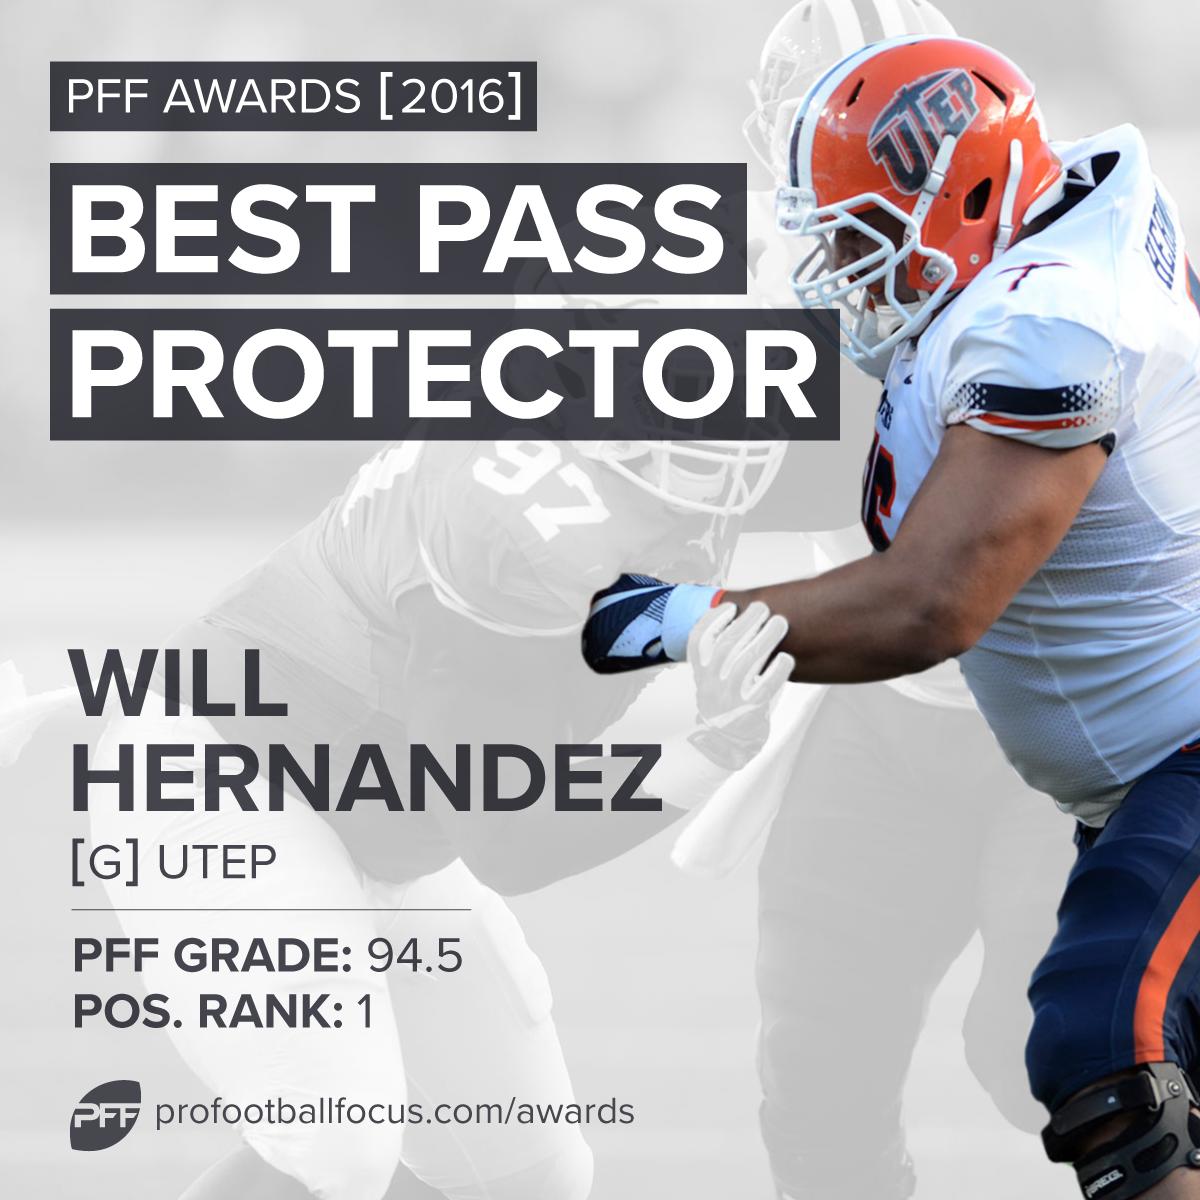 hernandez_best-pass-protector